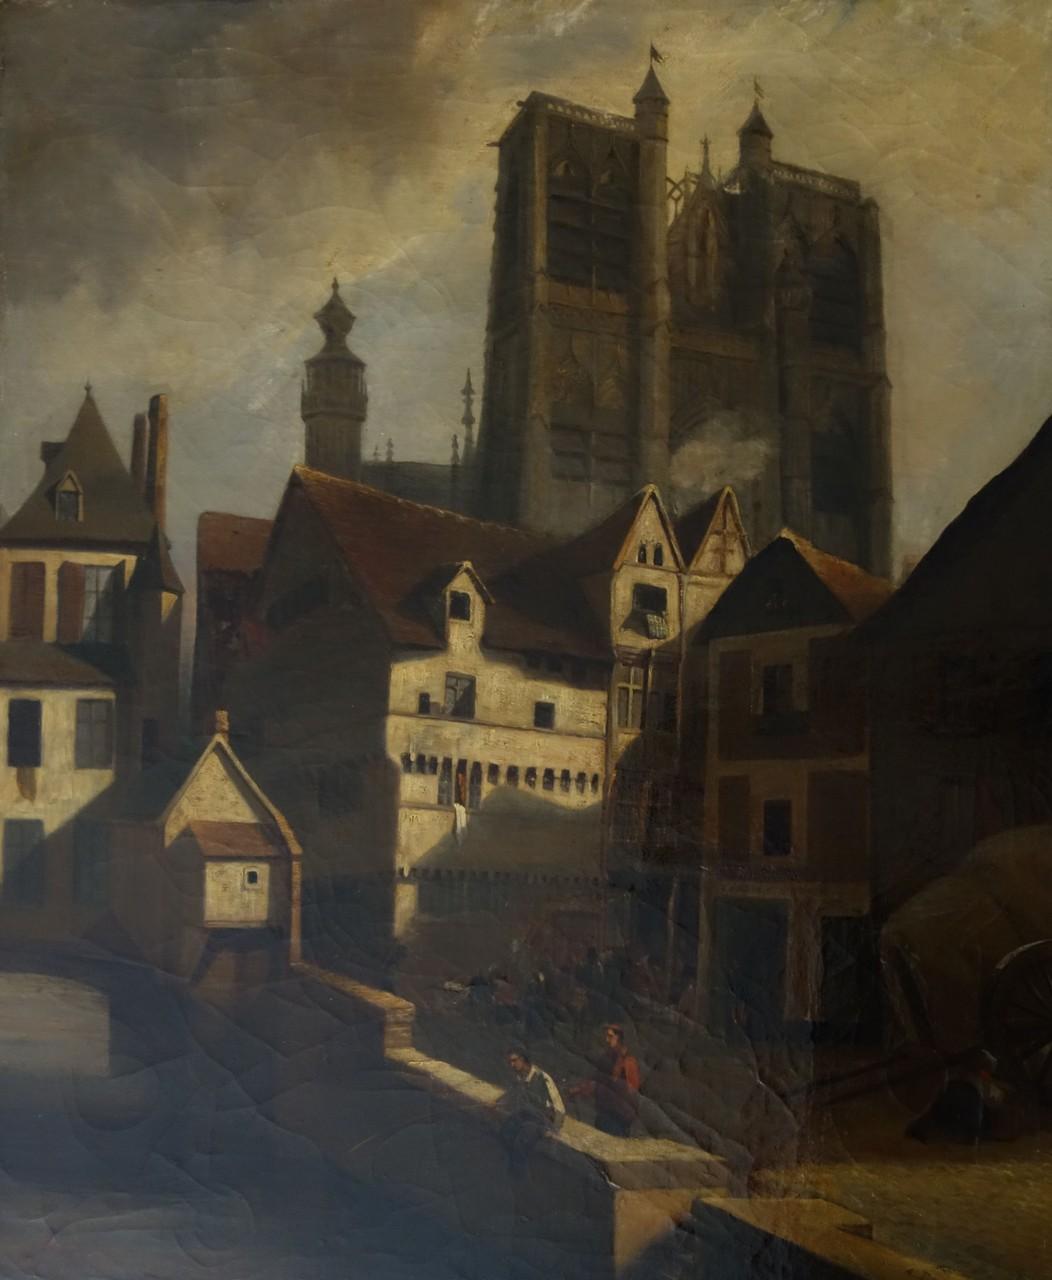 Adrien DAUZATS Vue de la collégiale Saint-Vulfran depuis le Guindal, Don AAMBdP / Photo Musée